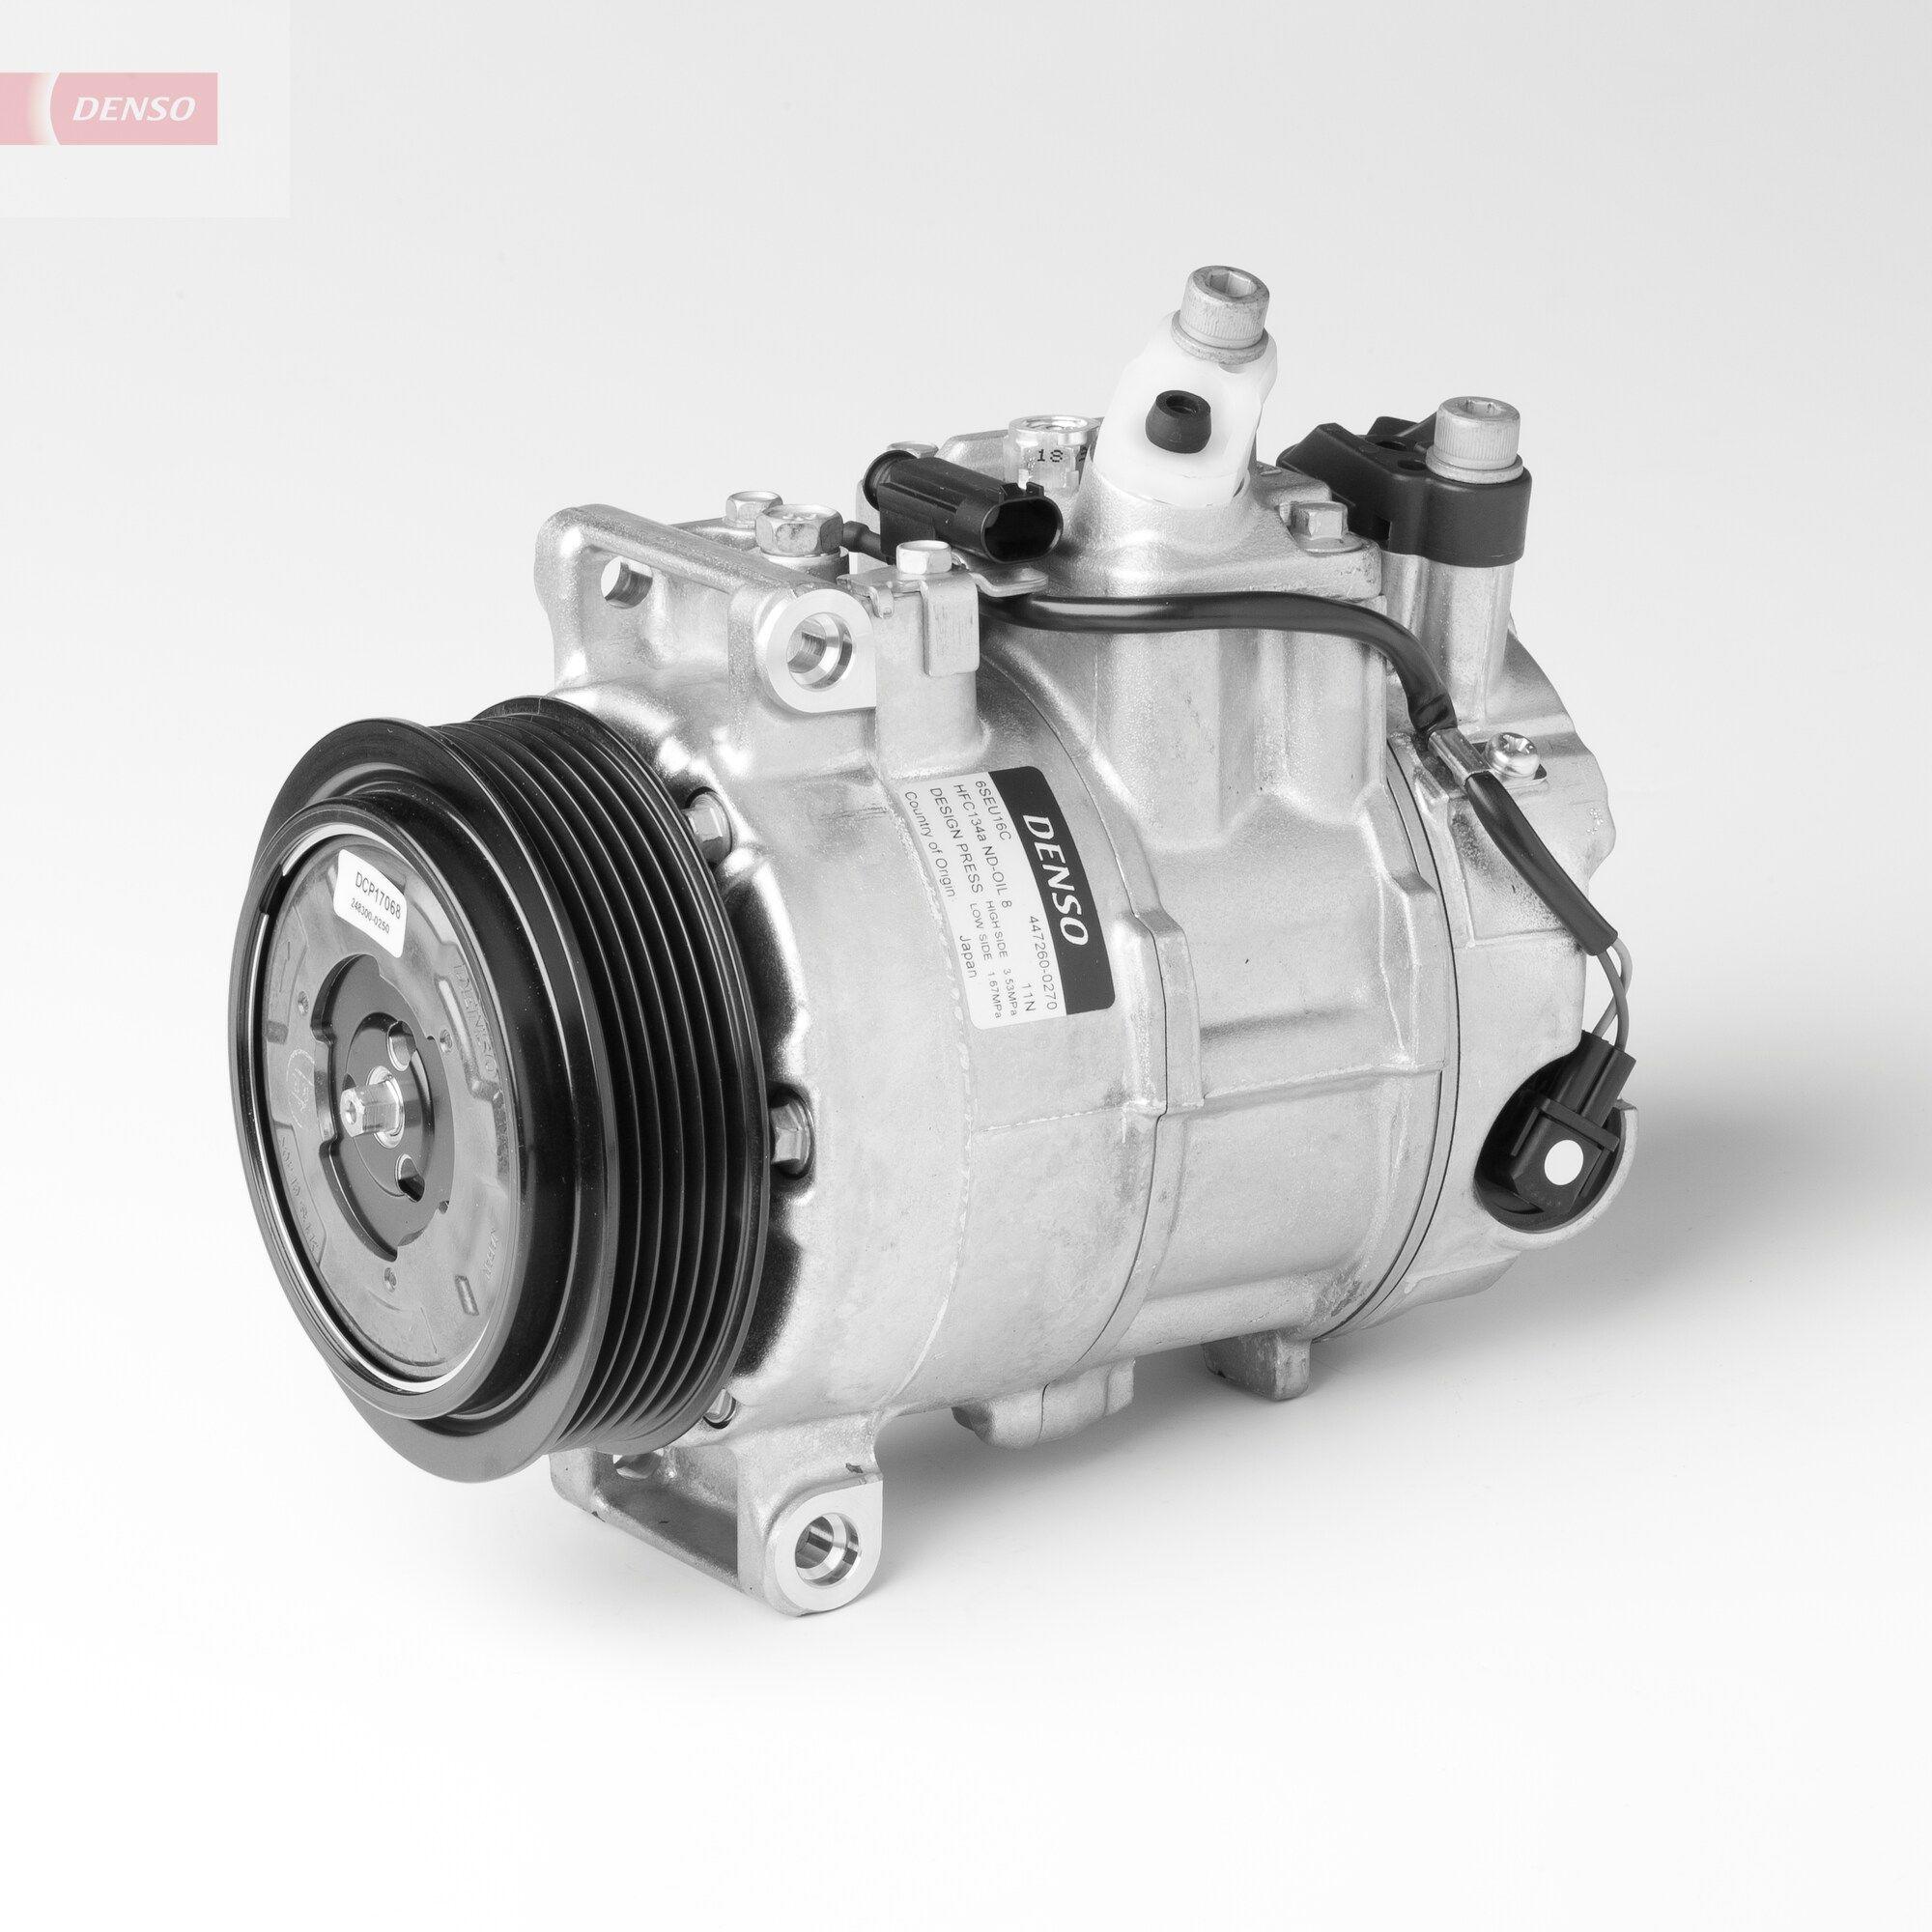 Kompressor DENSO DCP17068